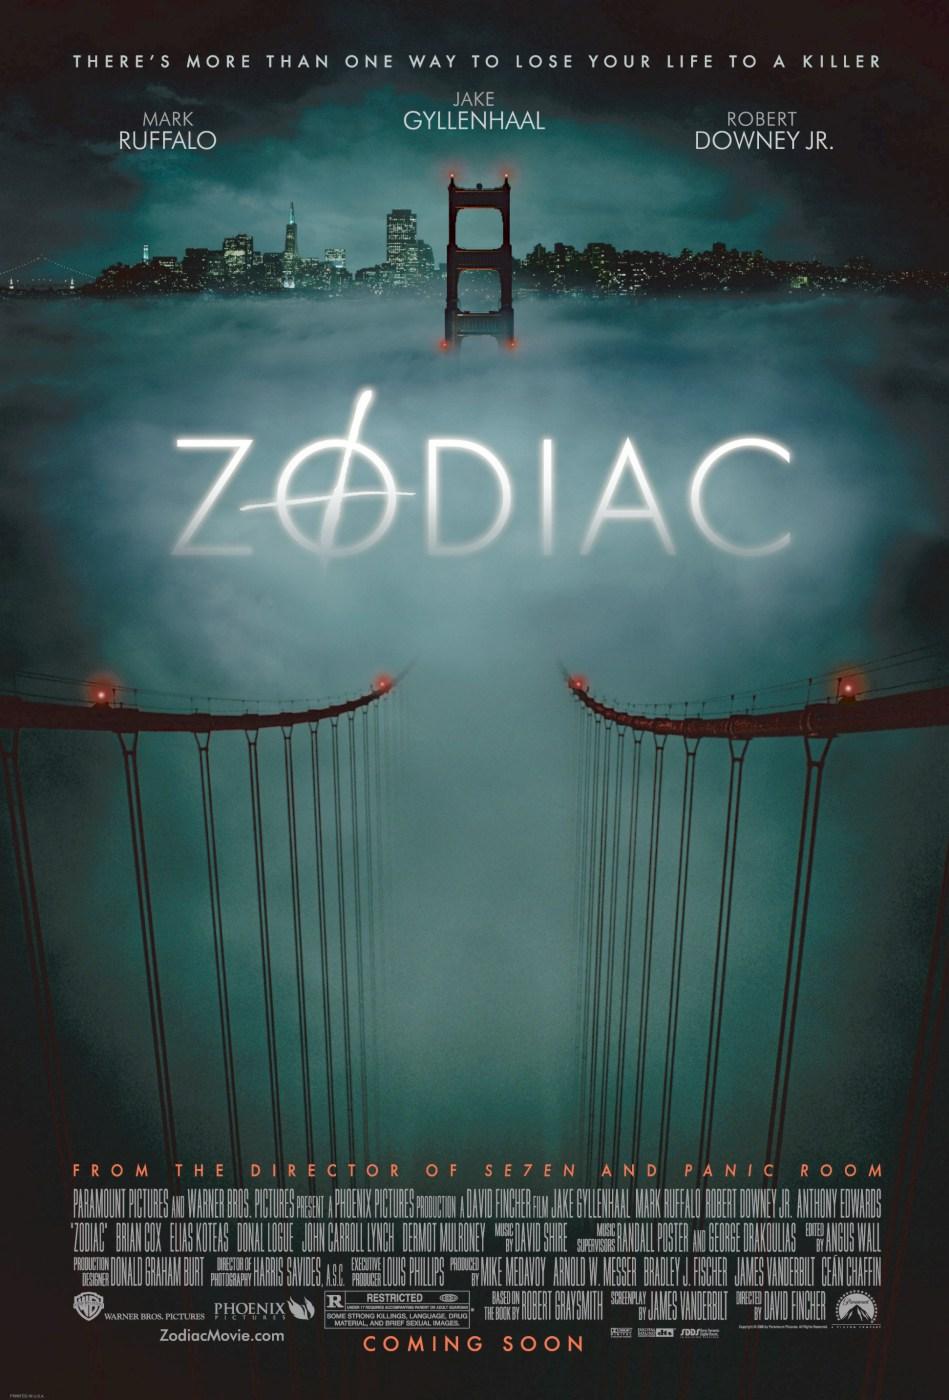 Zodiac Movie